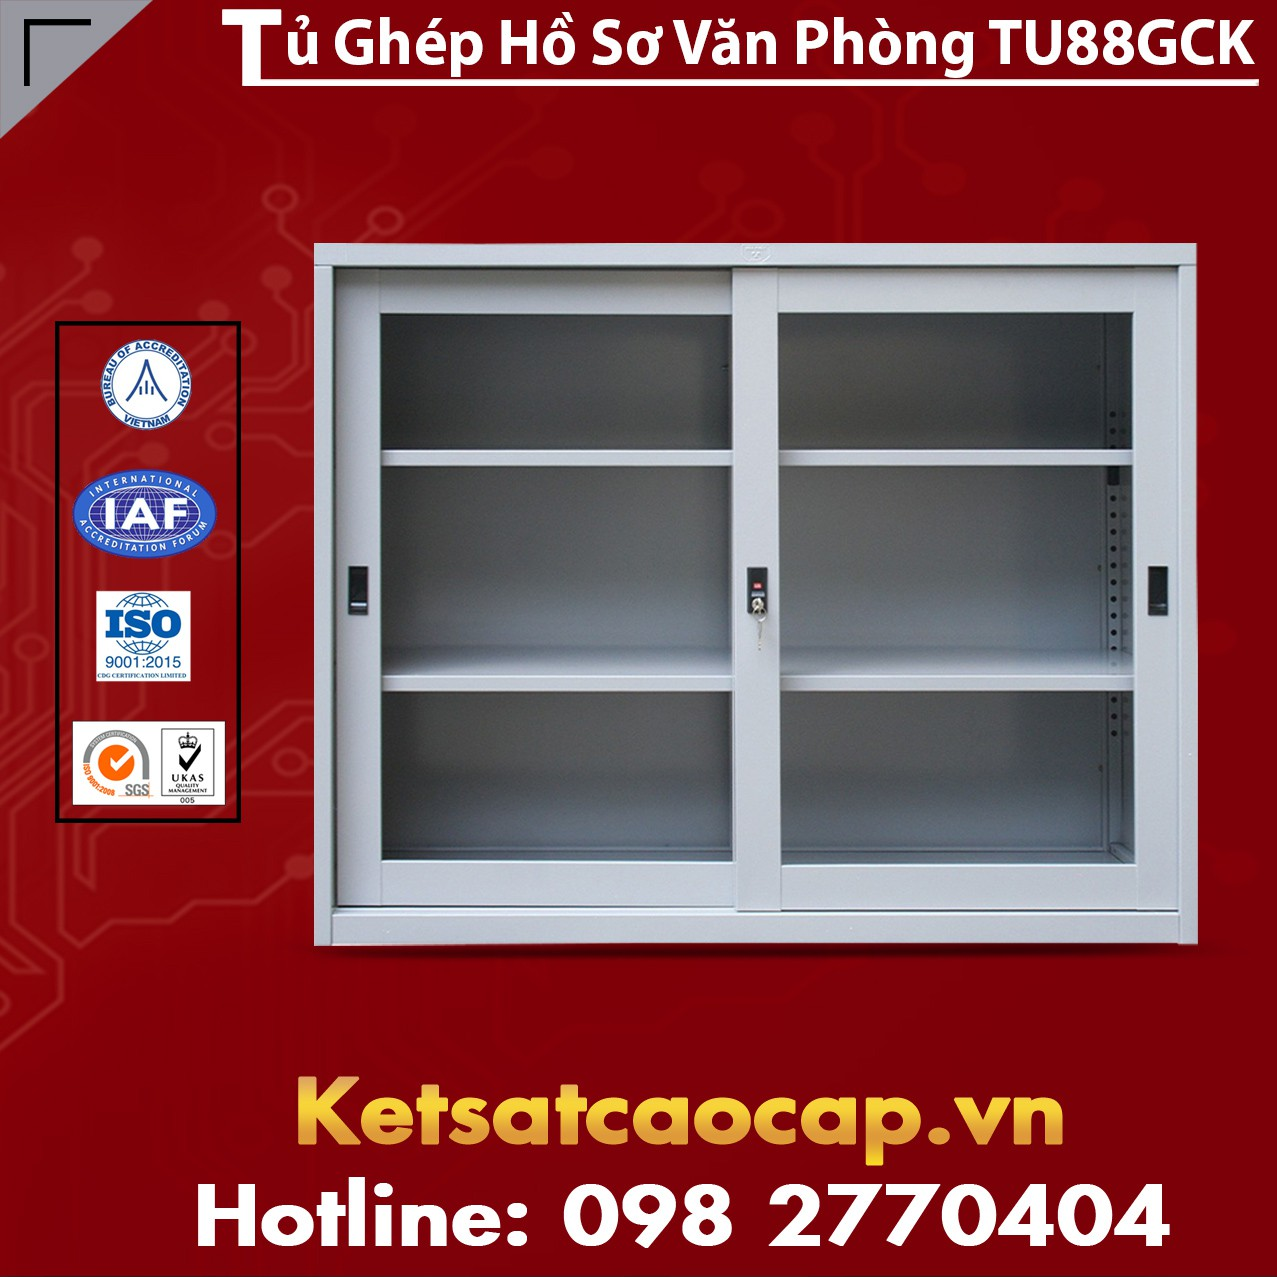 Tủ Ghép Hồ Sơ Văn Phòng TU88GCK